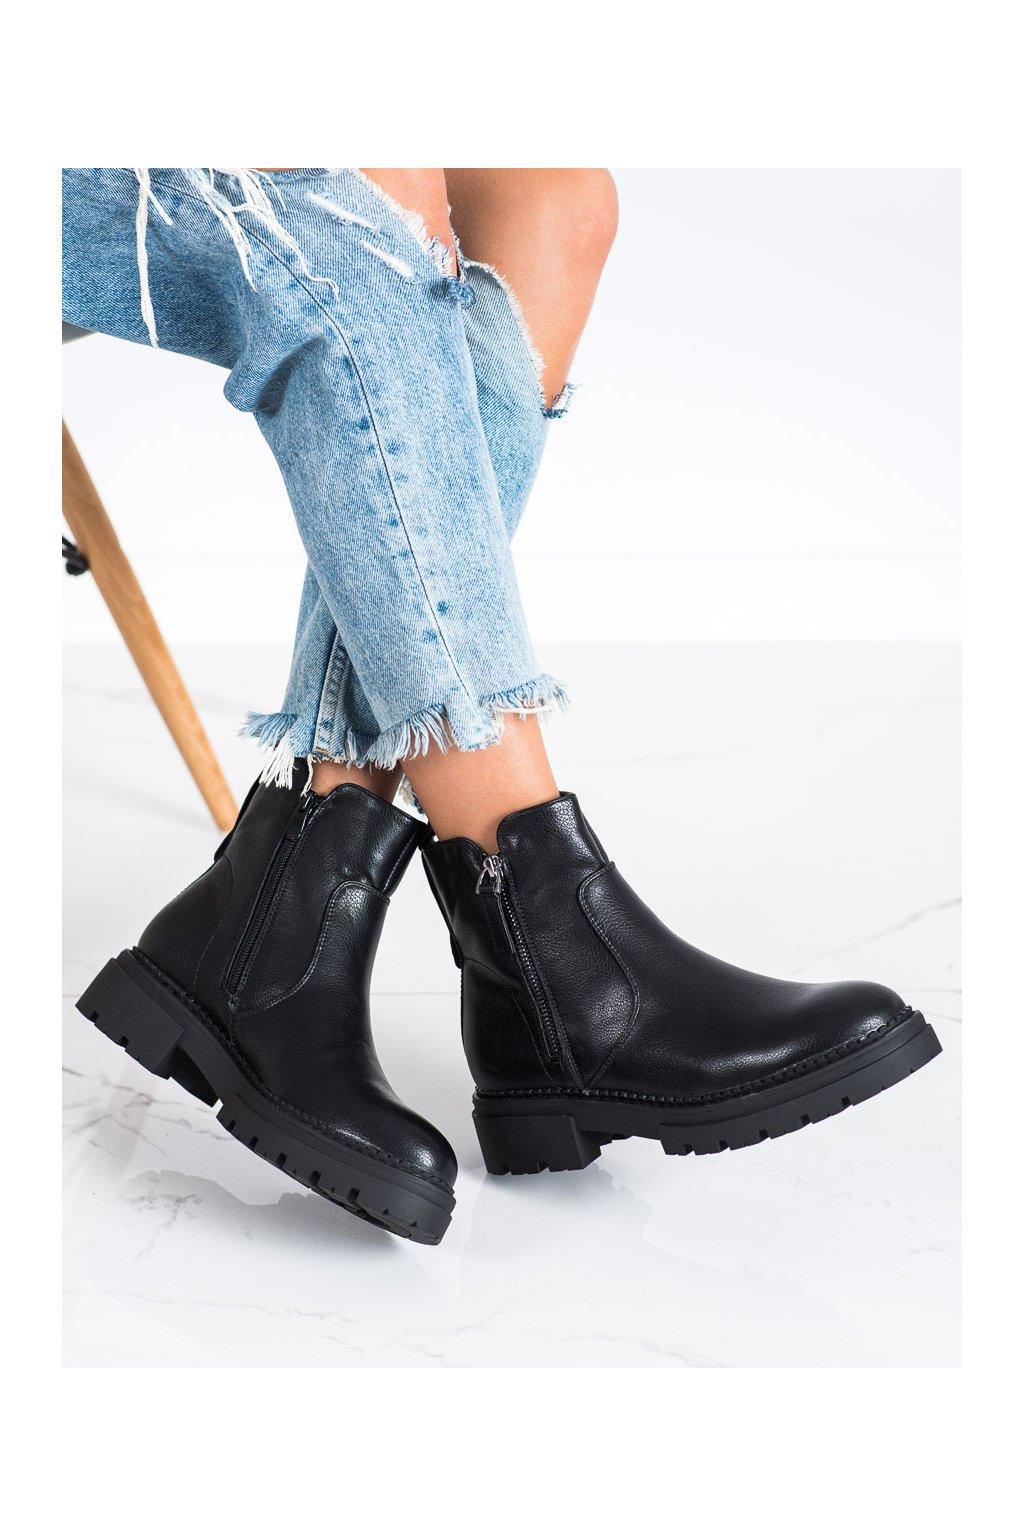 Čierne dámske topánky Evento kod 21BT35-4213B